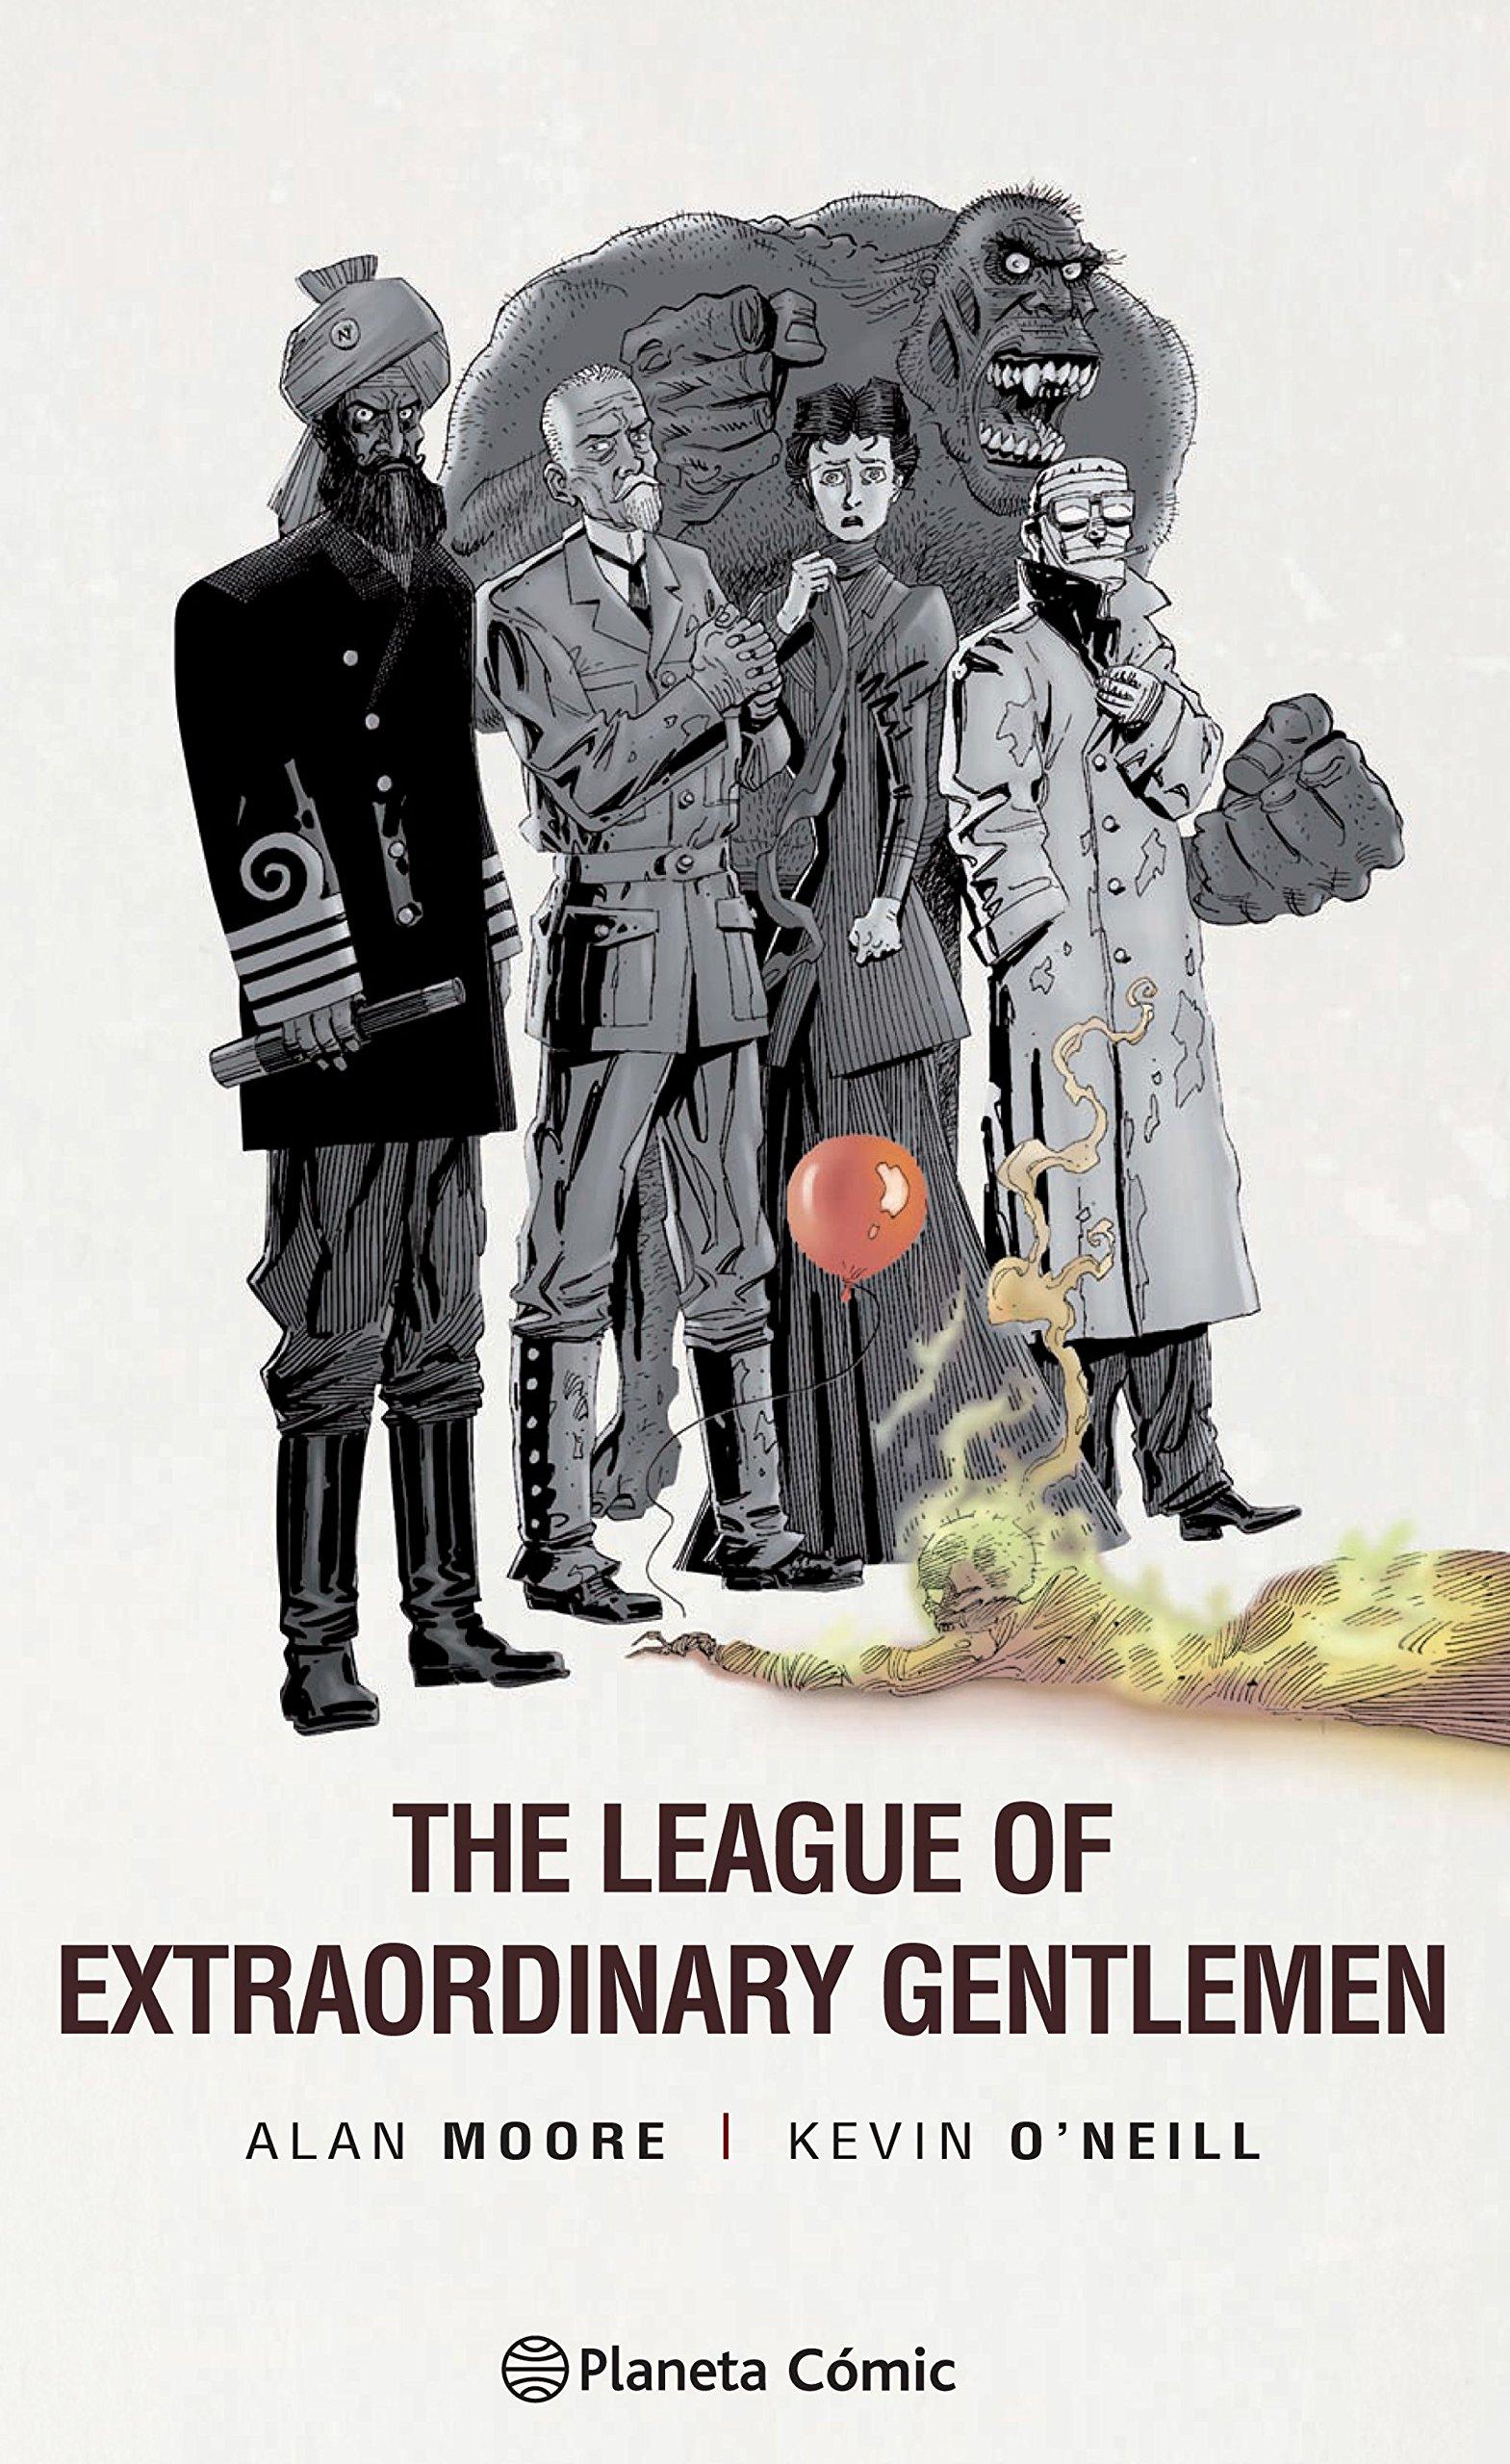 The League of Extraordinary Gentlemen 2